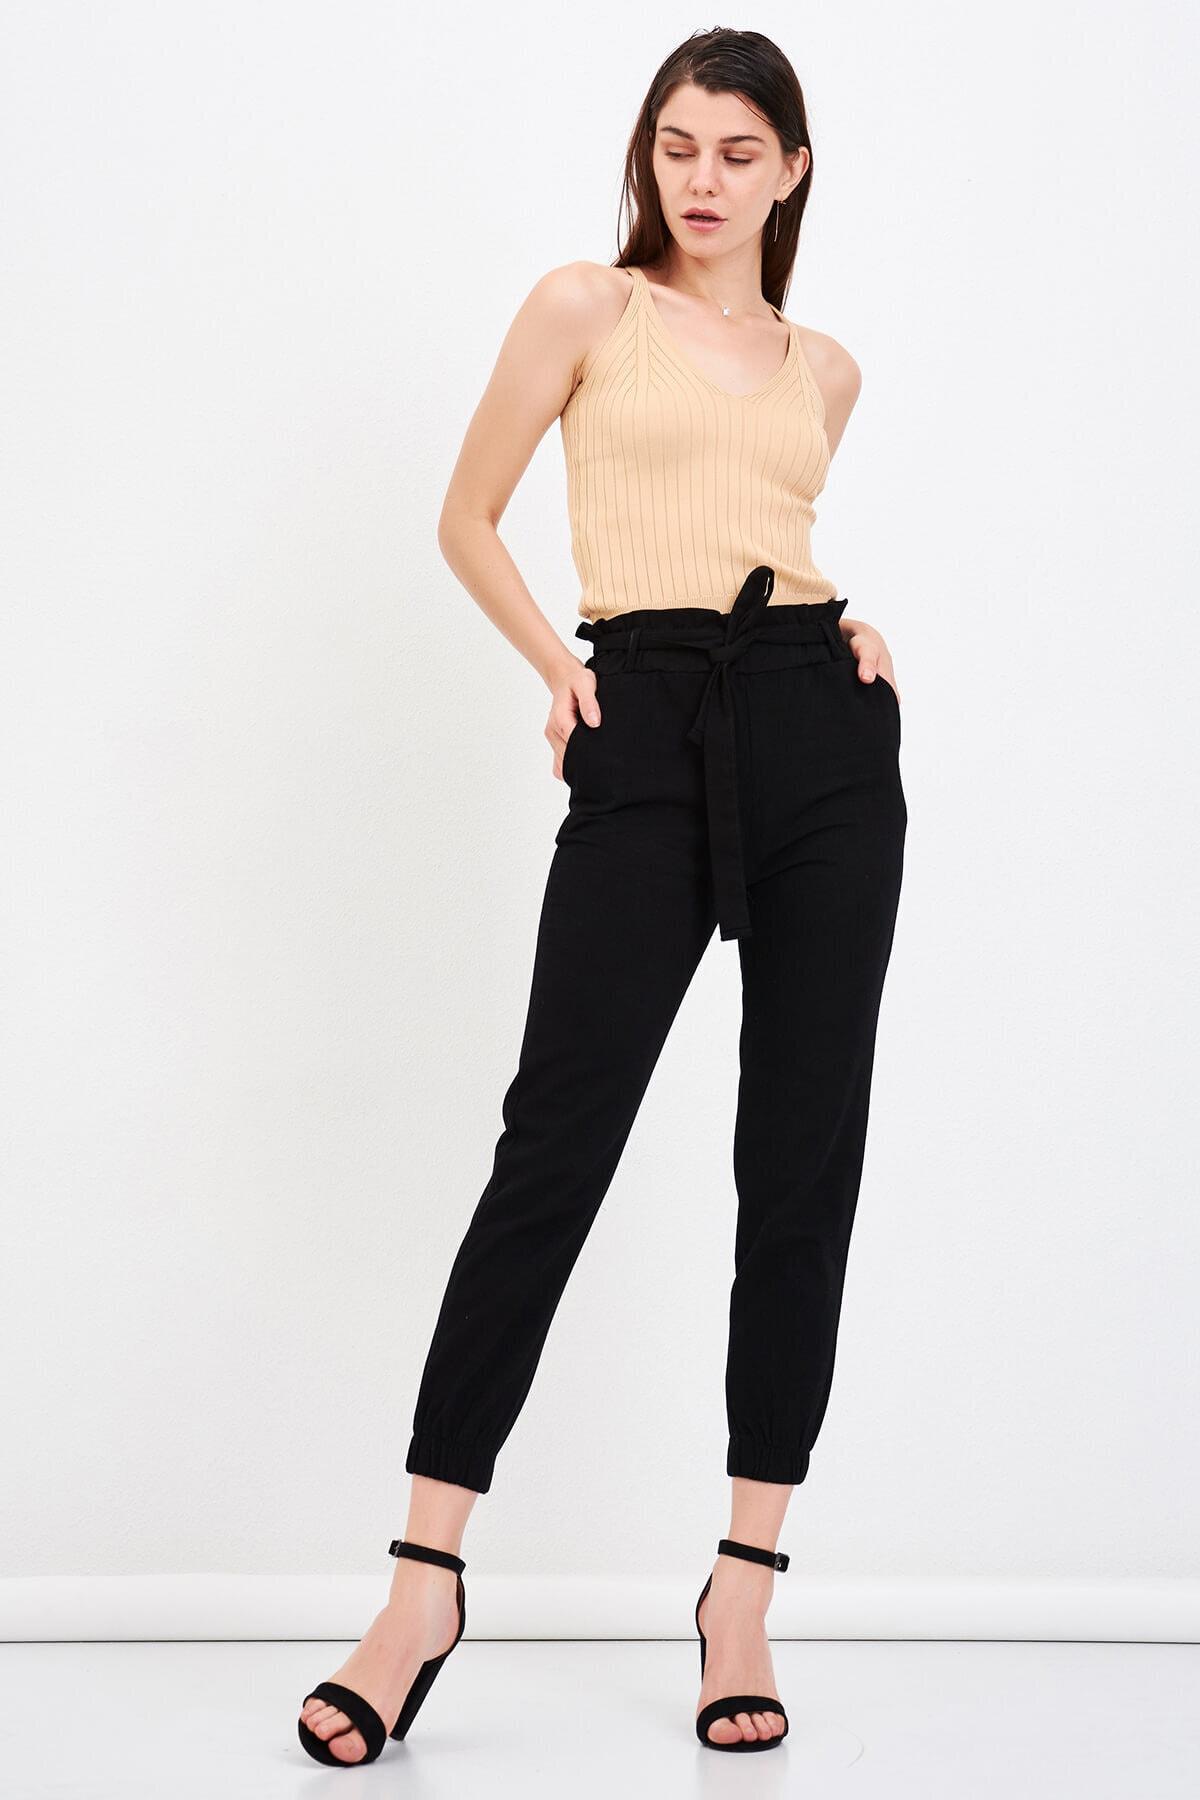 Mossta Kadın Siyah Bel Lastikli Gabardin Pantolon 2